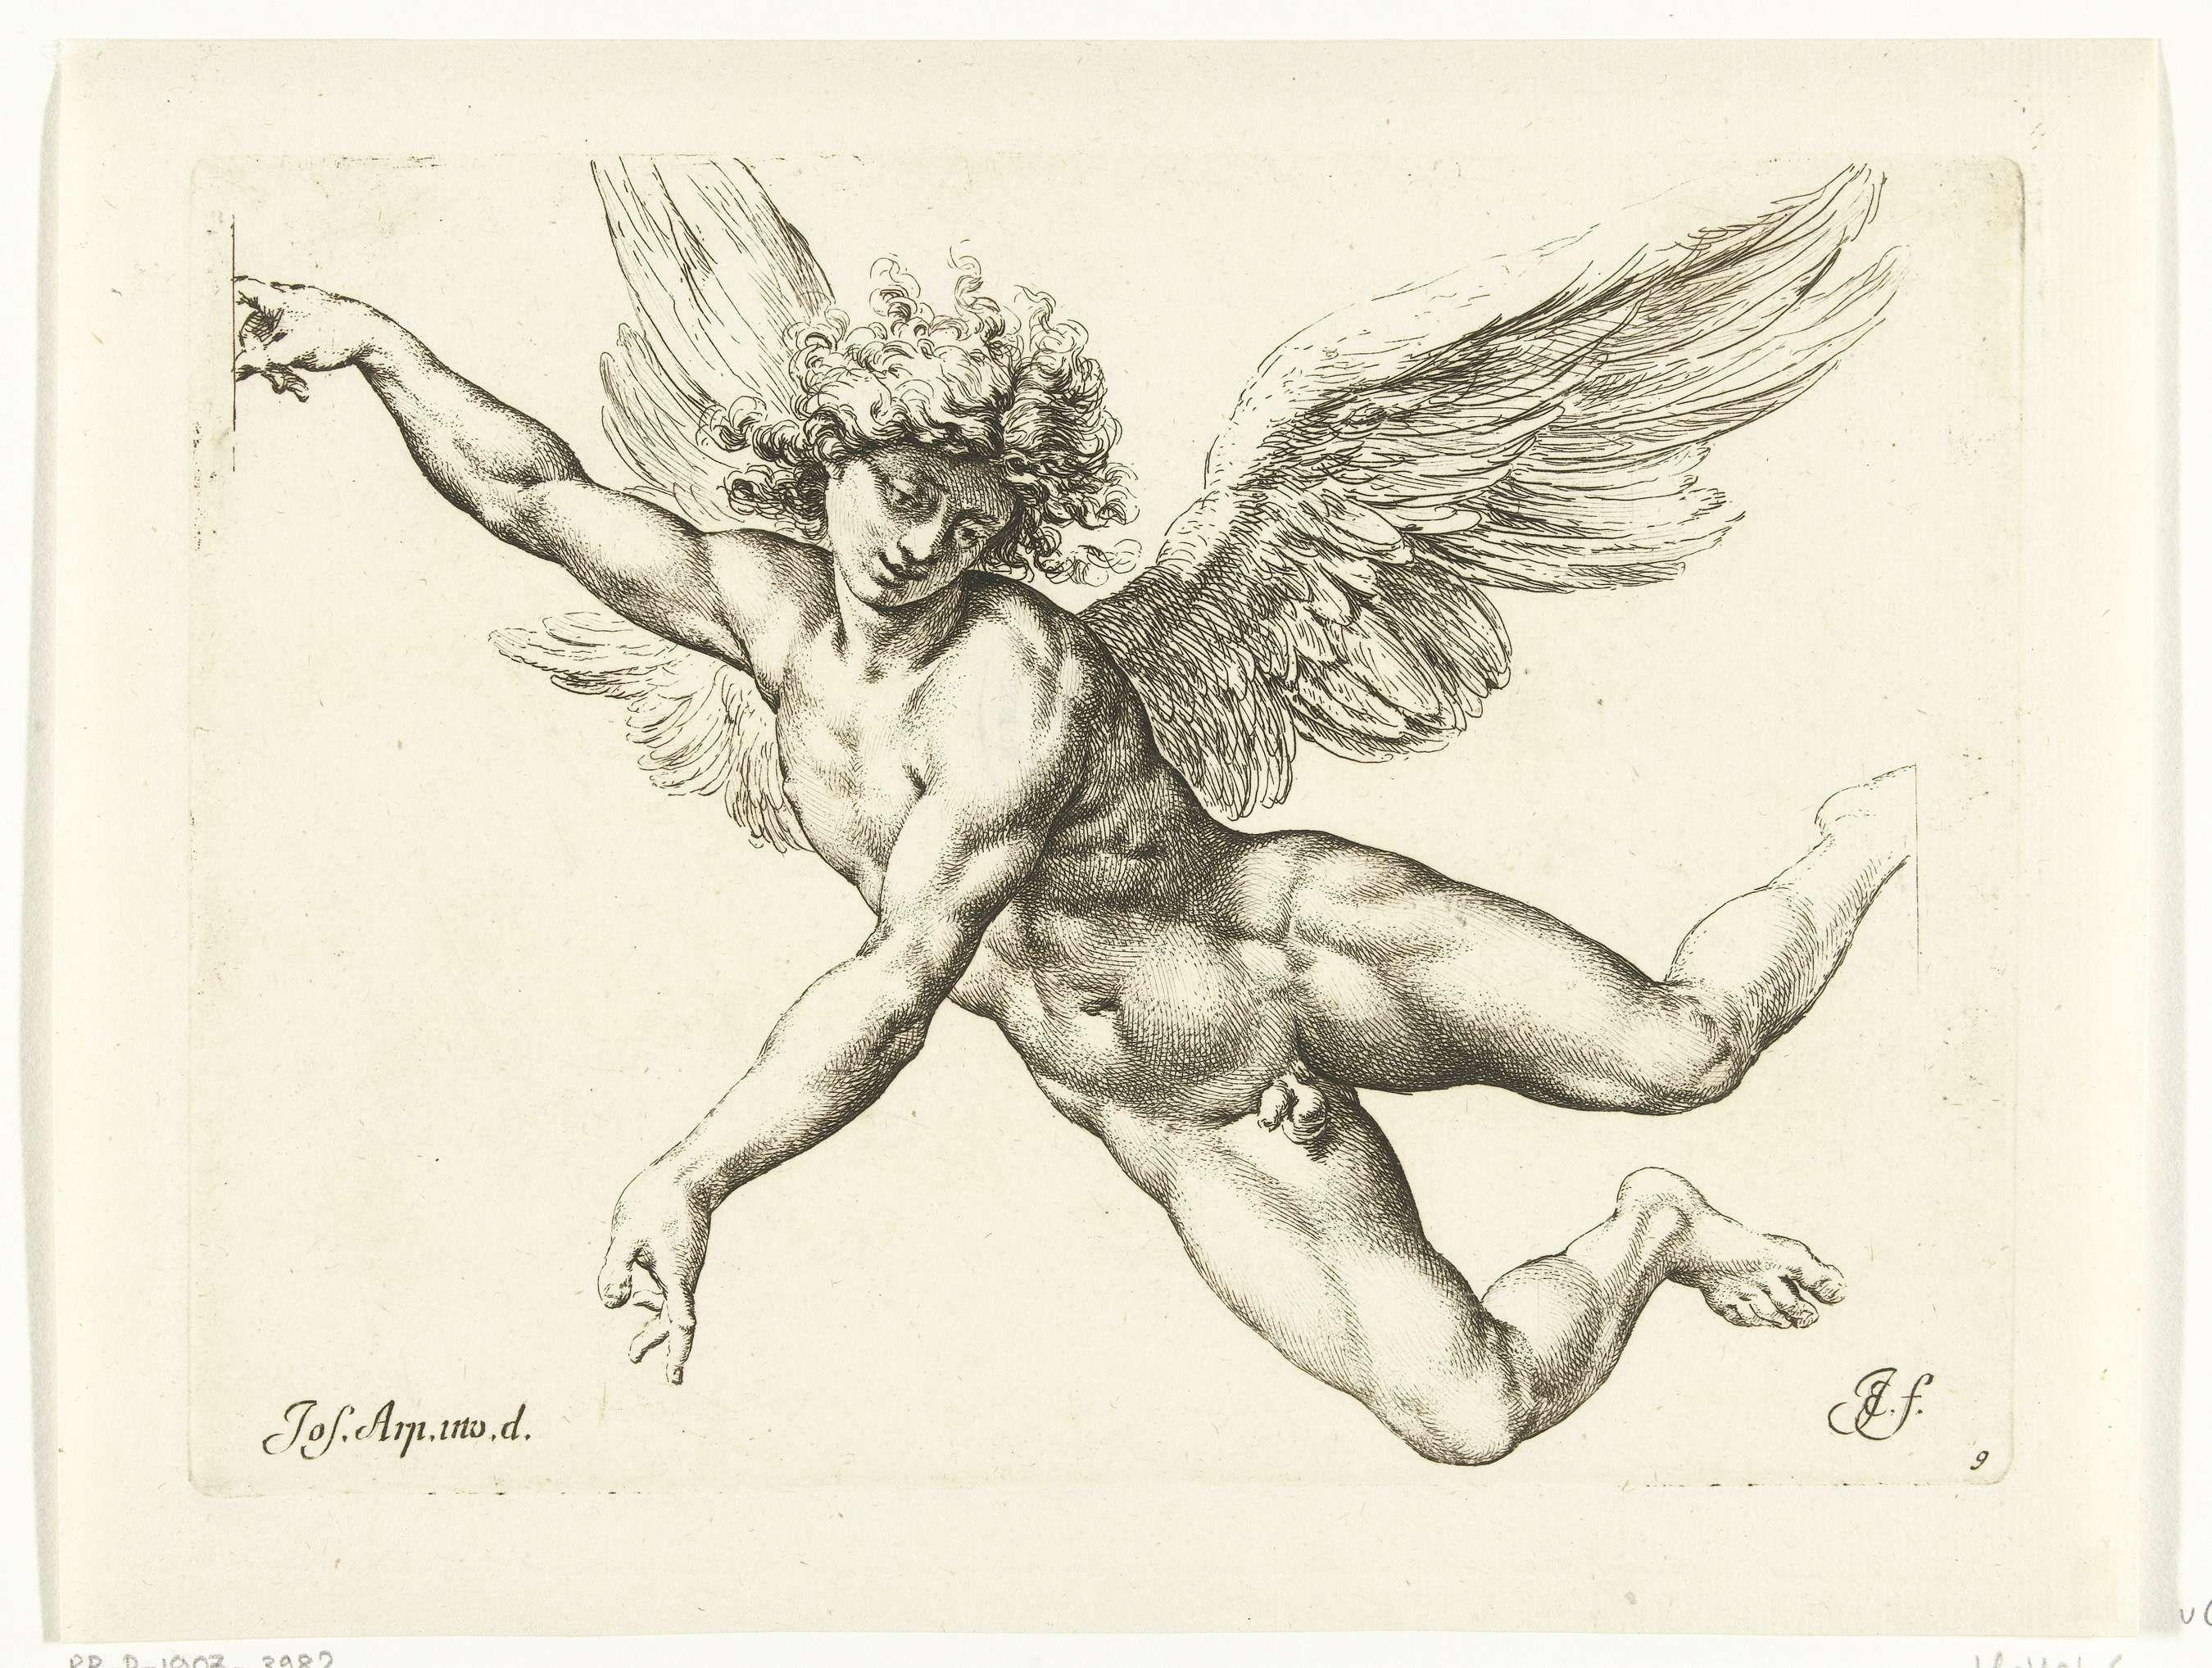 Jan de Bisschop | Study of a winged male nude, Jan de Bisschop, 1668 - 1671 | Studie voor een vliegende, naakte engel, misschien Sint Michael of Icarus.